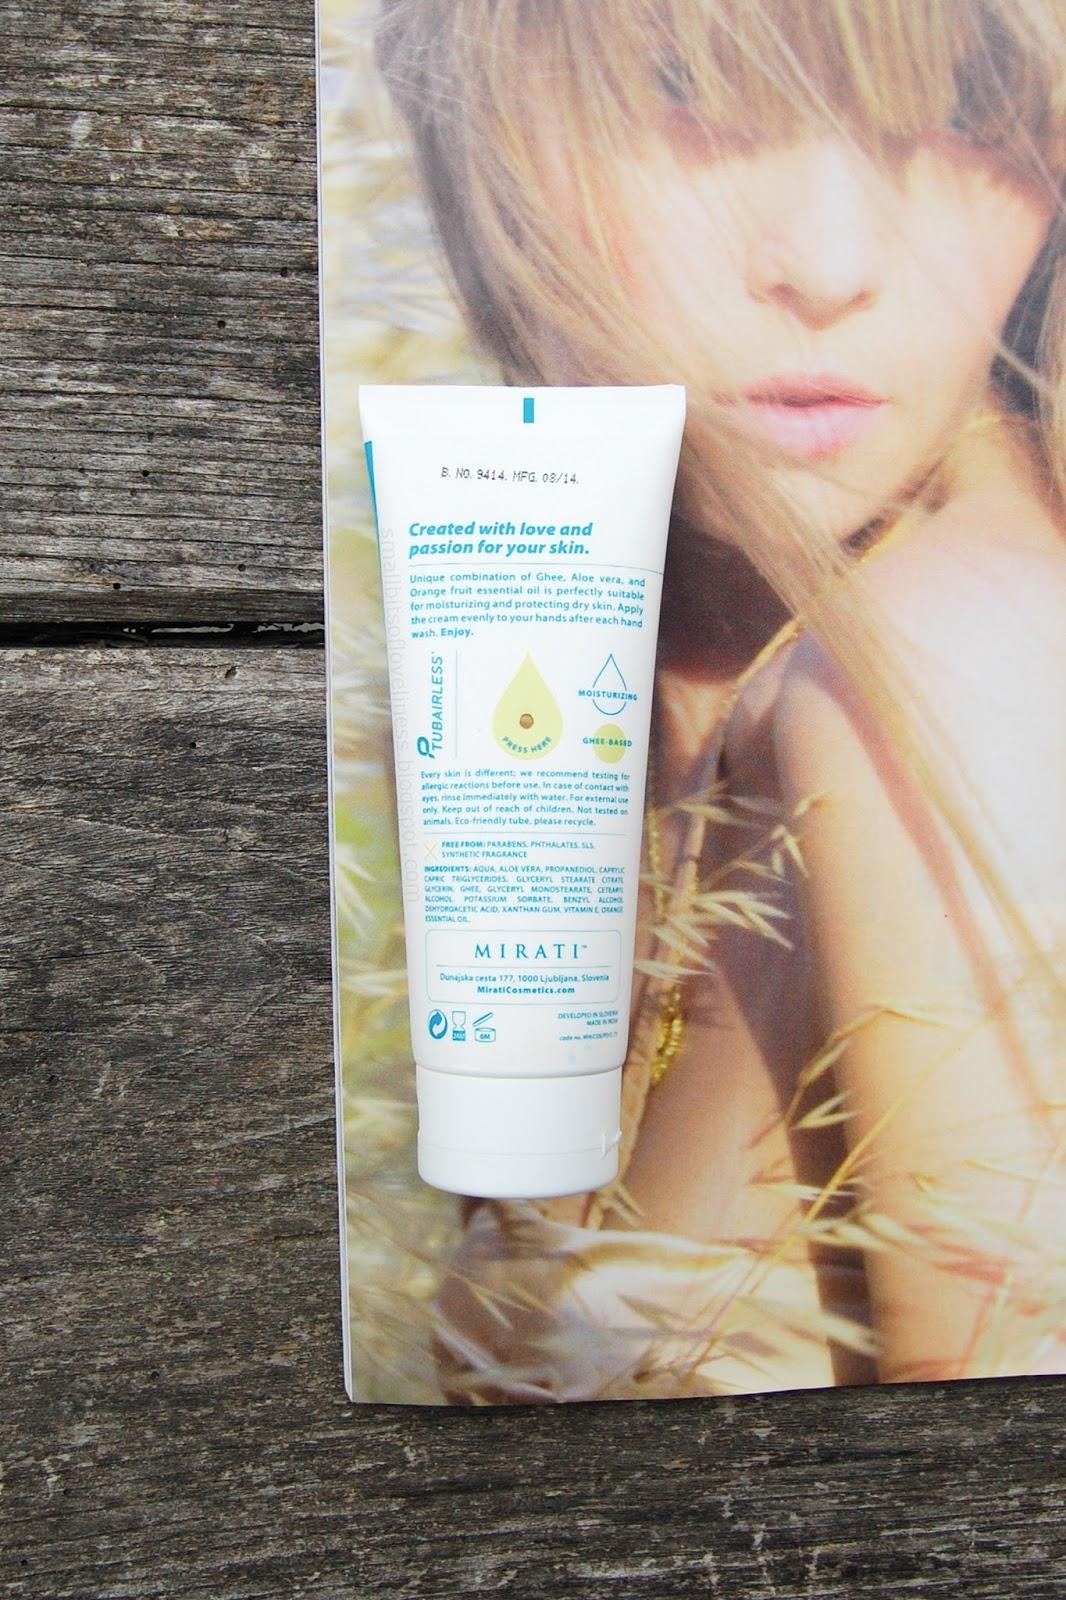 Mirati Hand Cream